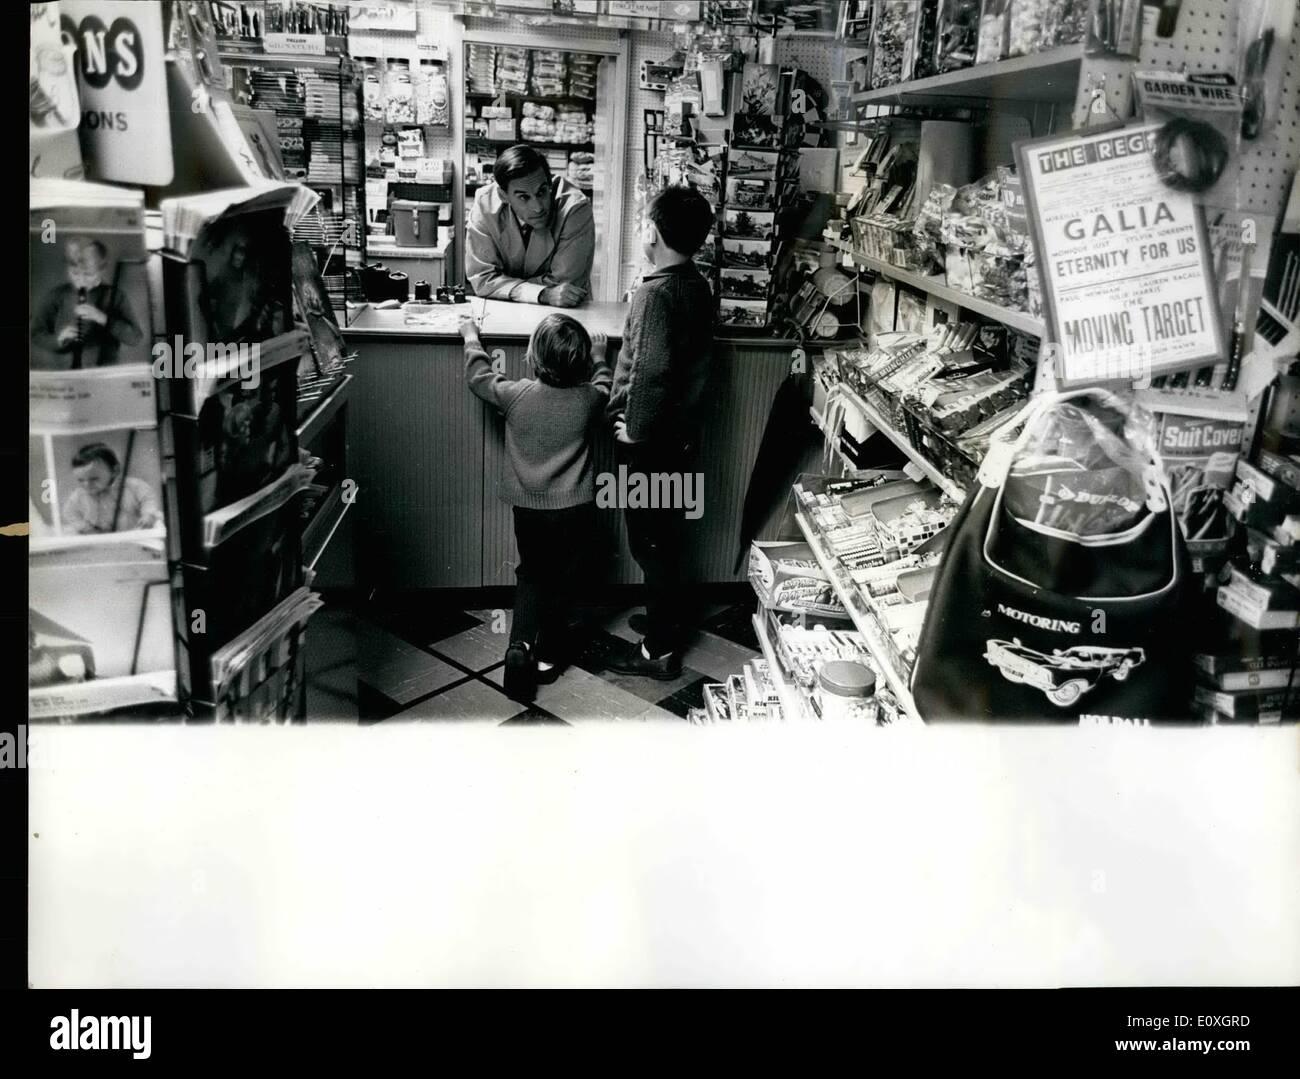 10 octobre 1966 - Jeremy Thorpe EST BON TOUR. L'ÉPICERIE DU VILLAGE PREND LE RELAIS POUR UNE SEMAINE. C'est l'une des bizarreries constitutionnelles de notre nation qui M P ne peut pas être sous-maîtres. Ainsi, bien que M. Jeremy Thorpe a pris plus d'un bureau de poste du village et des magasins pour une semaine, il n'est pas autorisé à vendre encore une licence pour chien. Au lieu de M. Thorpe, qui se trouve être le porte-parole du parti libéral sur le bureau de poste - doit être content avec la vente de chocolats et de sels du foie, jardin bêches et pantalons pour bébés. Photo Stock